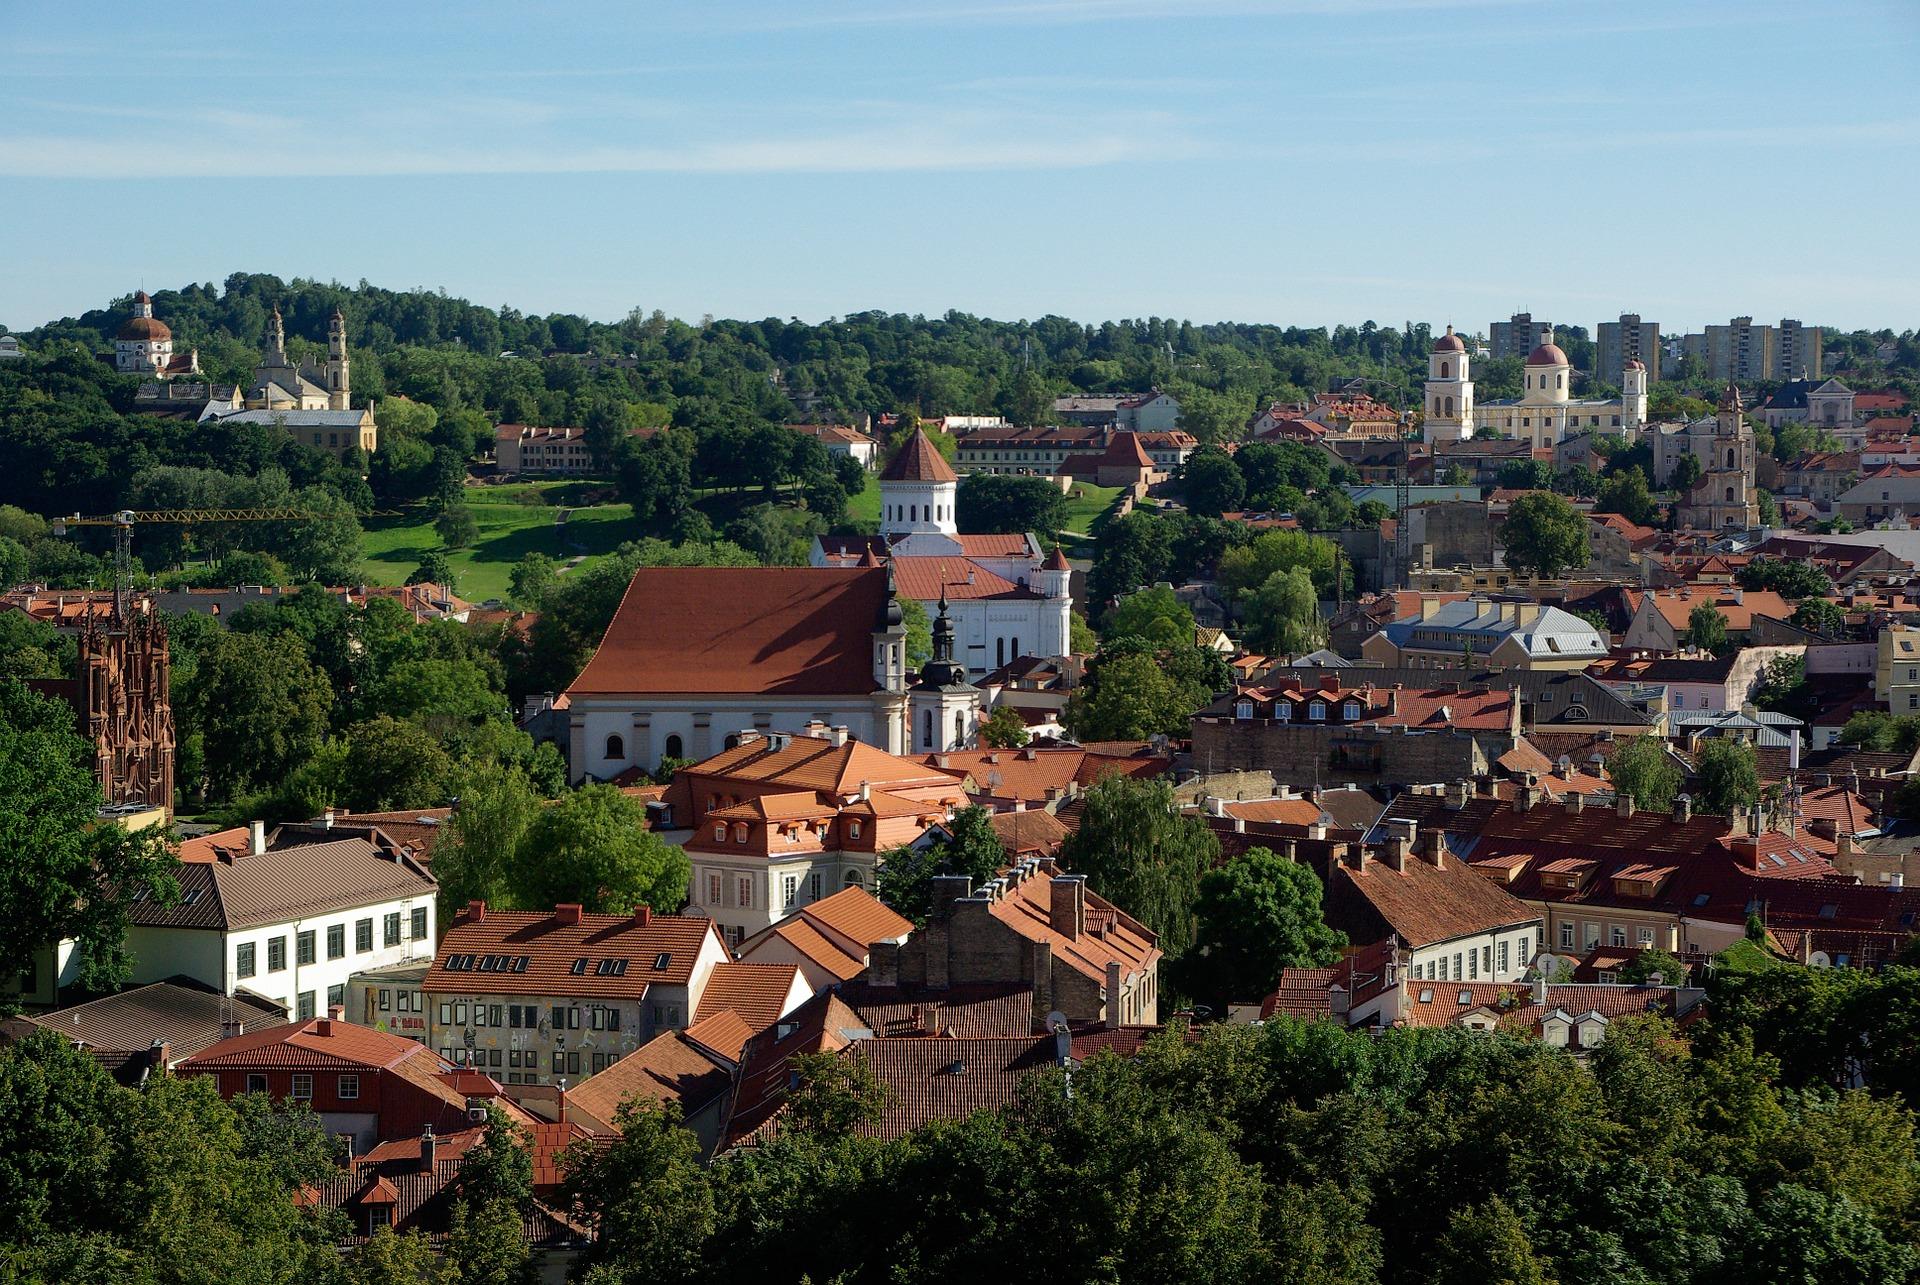 Imagem aérea de Vilnius, em Lithuania